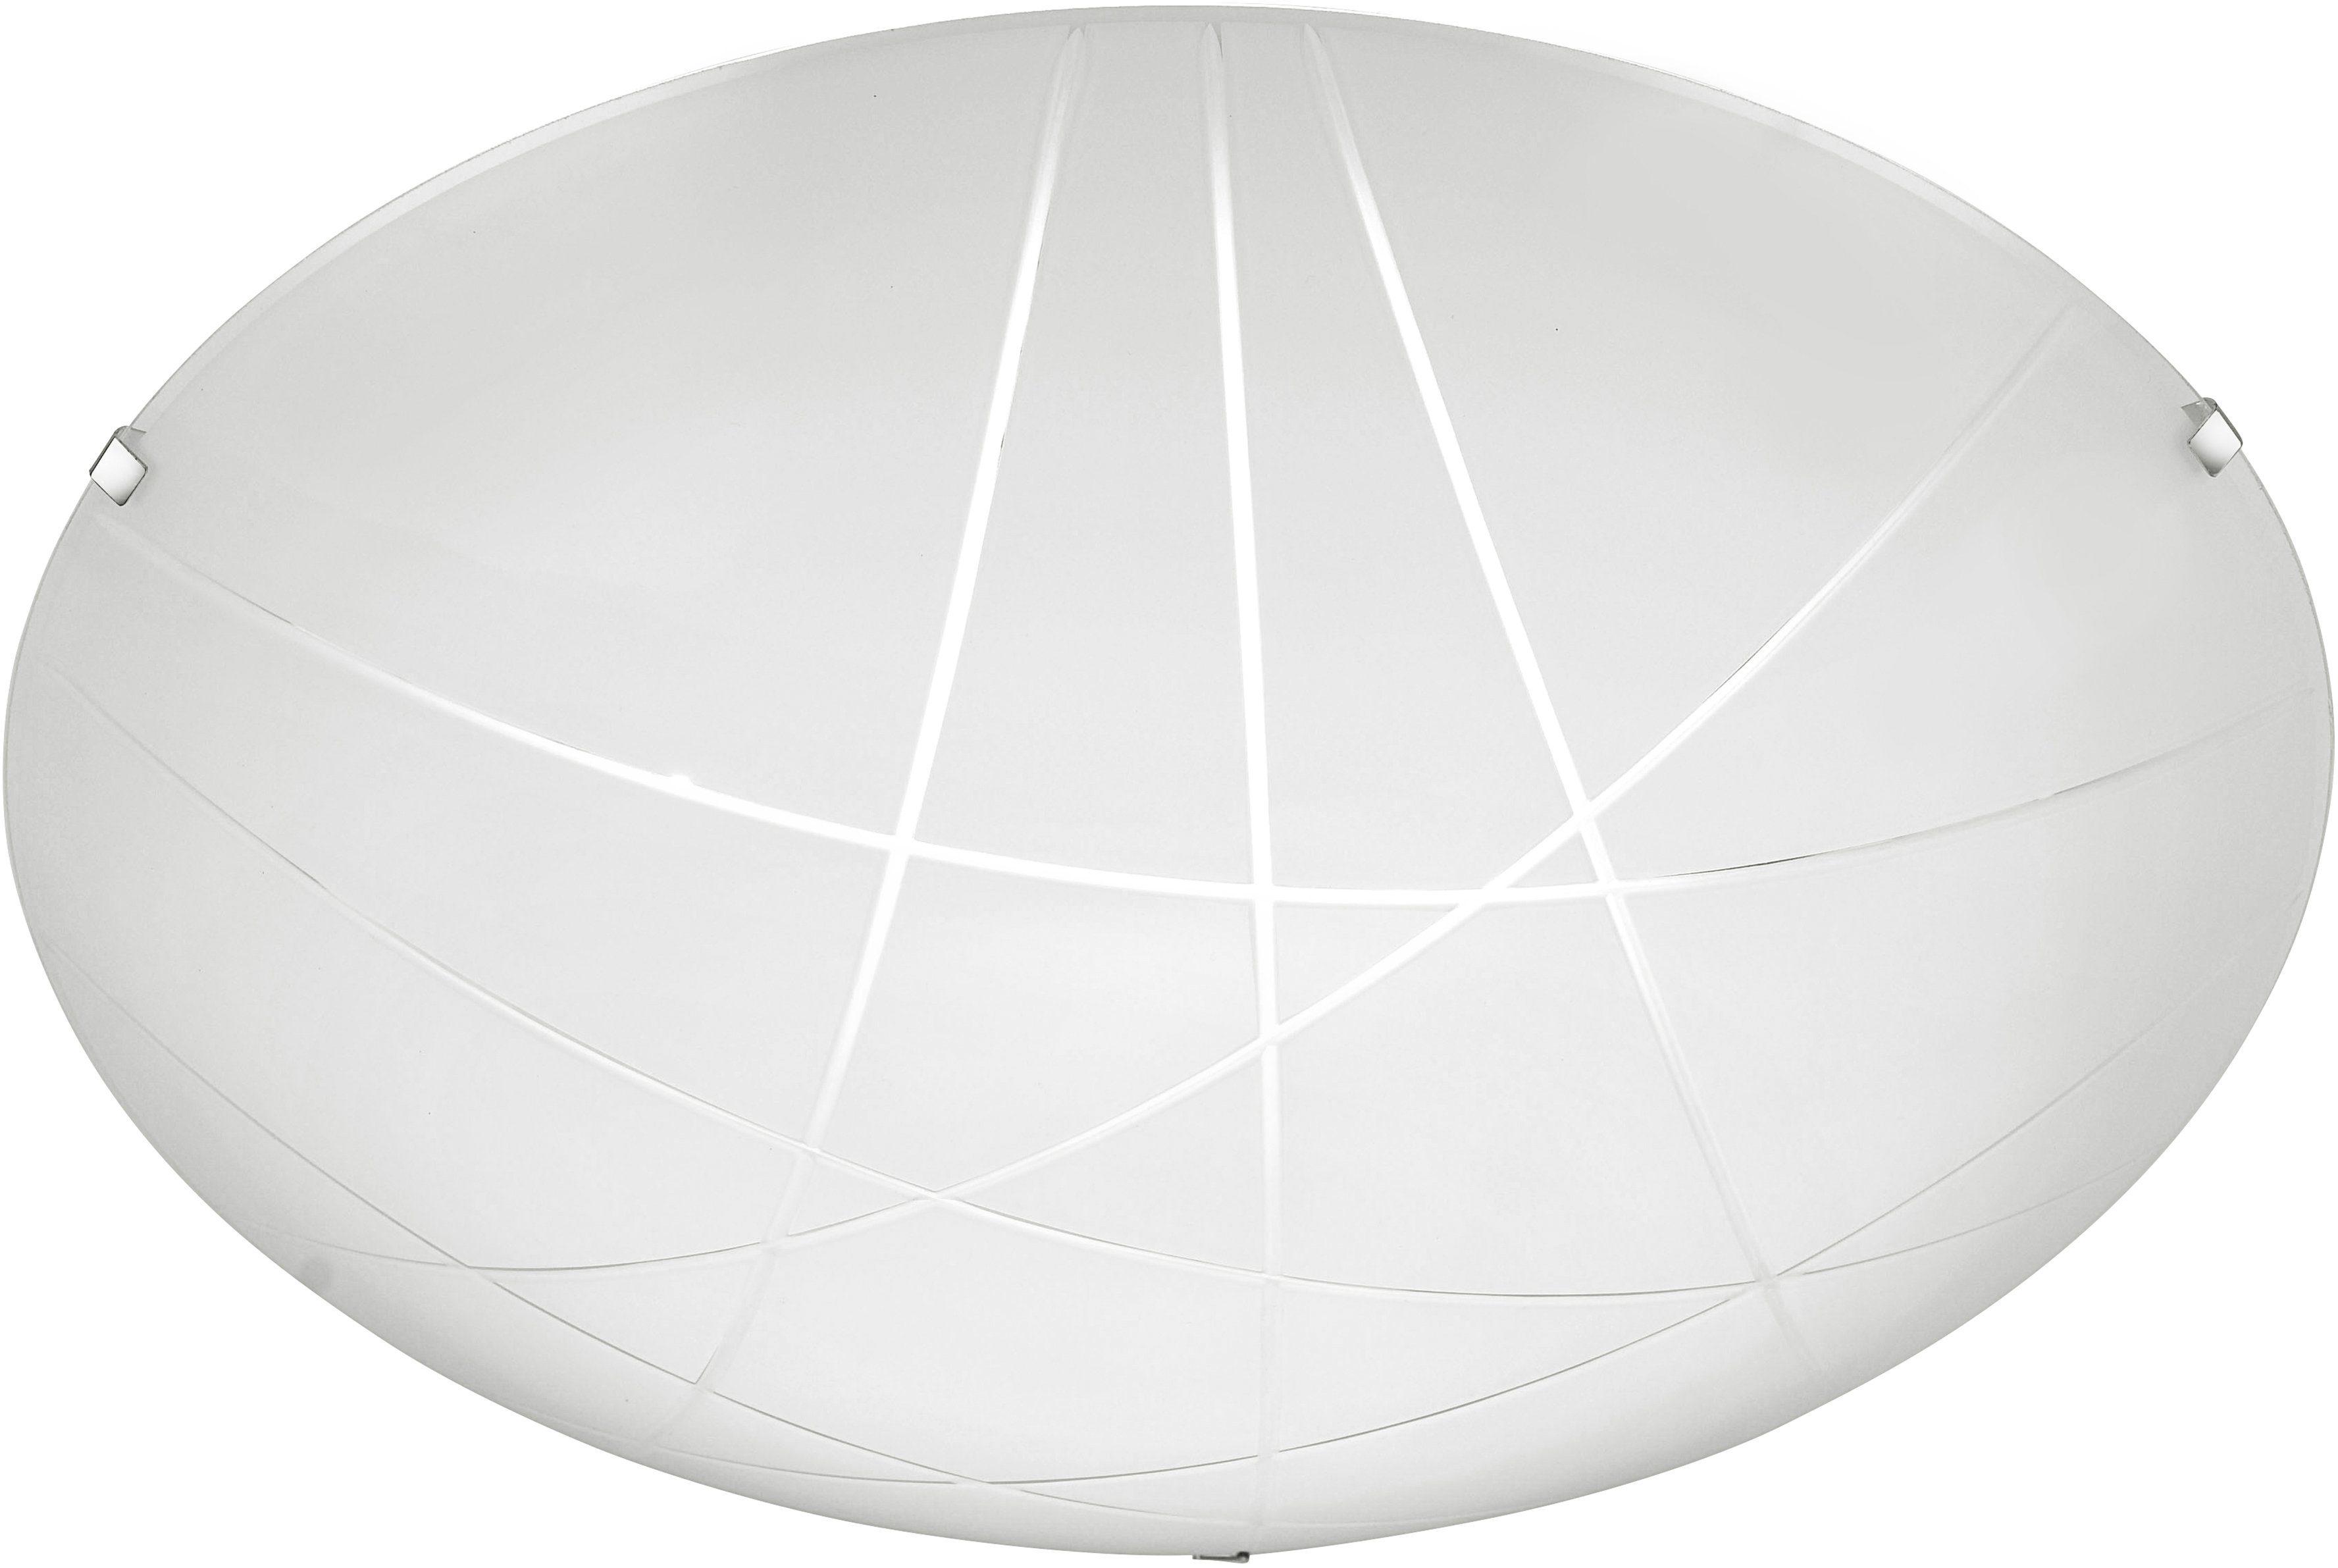 Leuchten Direkt LED-Deckenleuchte, 1 flg., »ANNA«